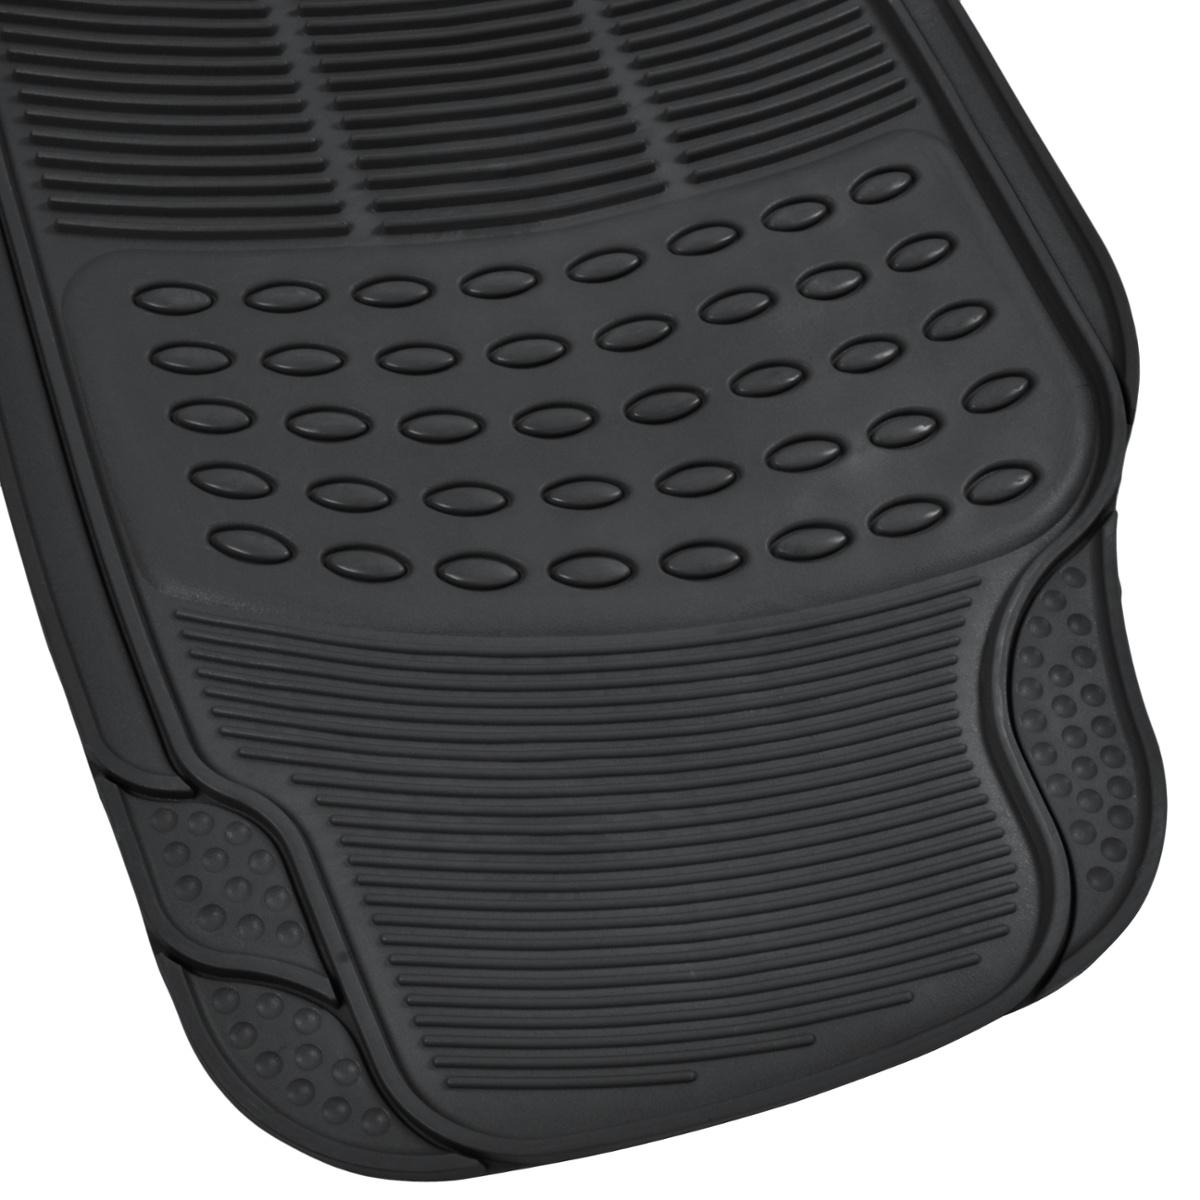 Rubber floor mats suv - Black Rubber Floor Mats For Car Suv 3